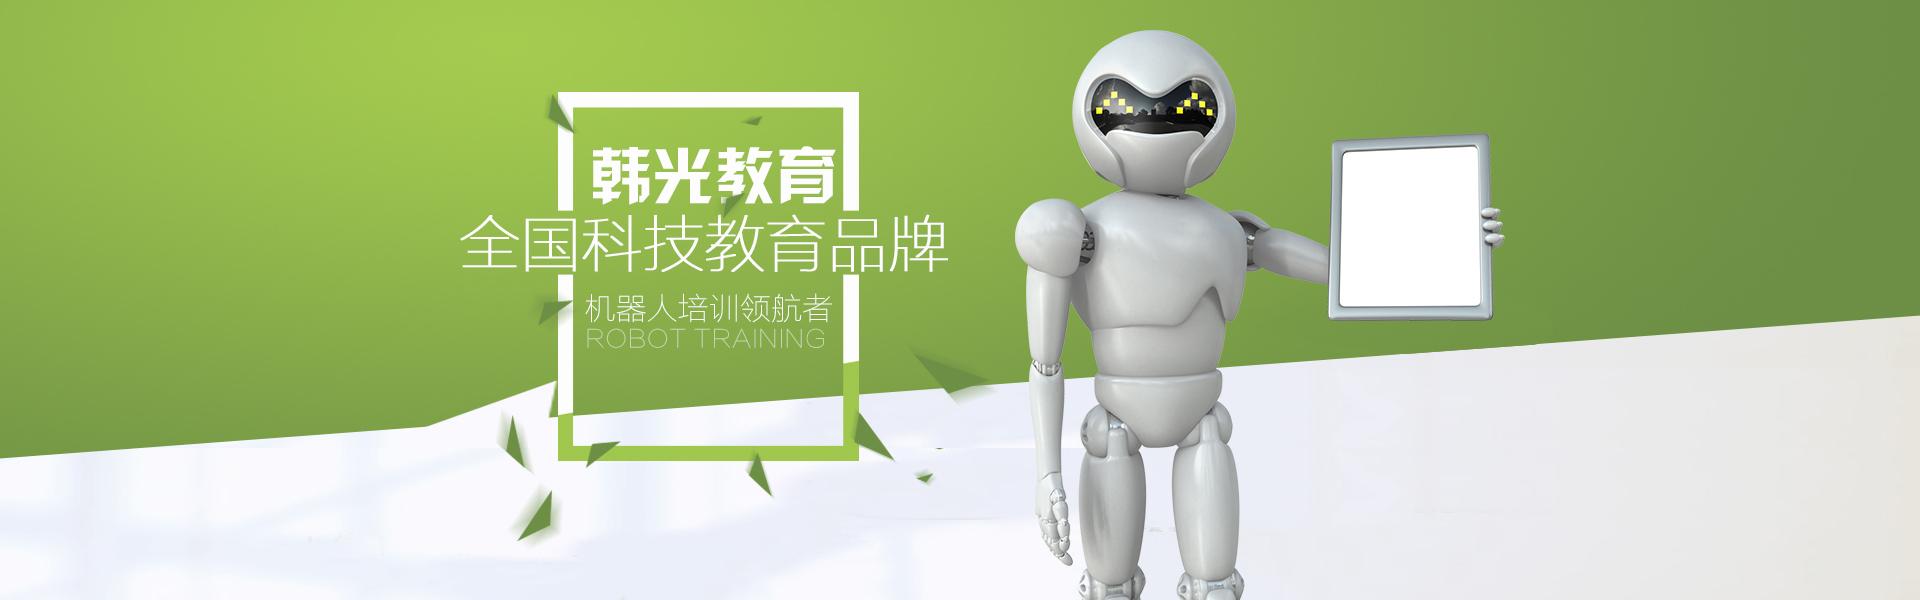 机器人教育培训